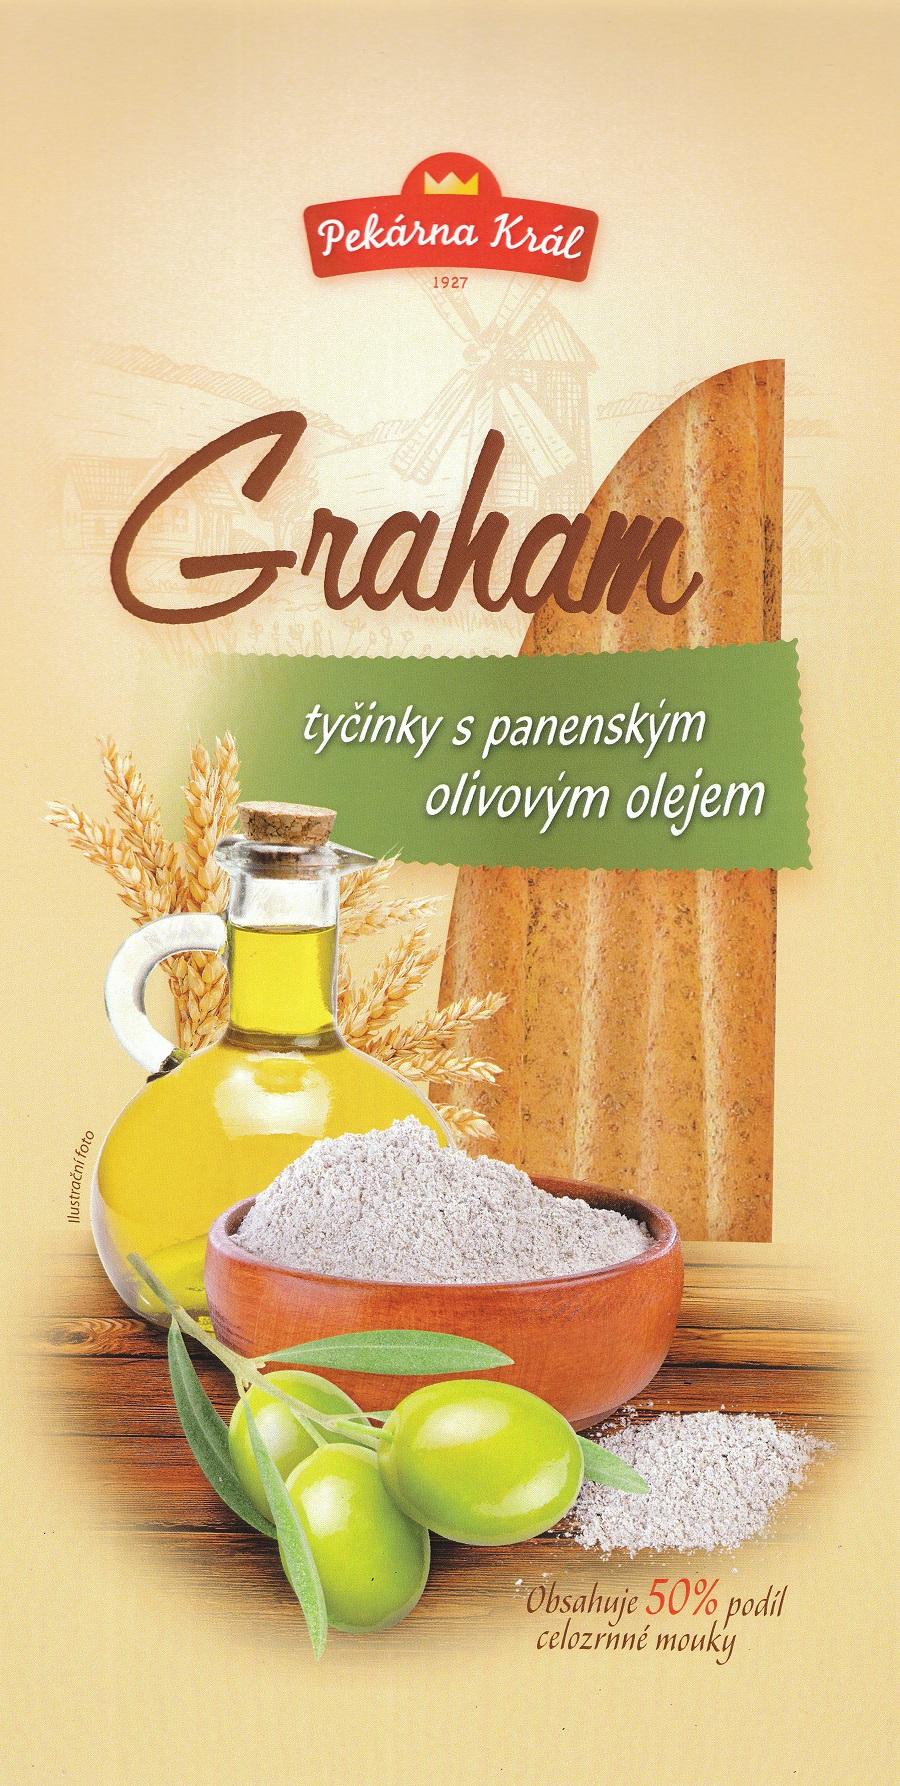 Grahamové tyčinky a italské tyčinky Grissini - to pravé pochutnání na silvestra